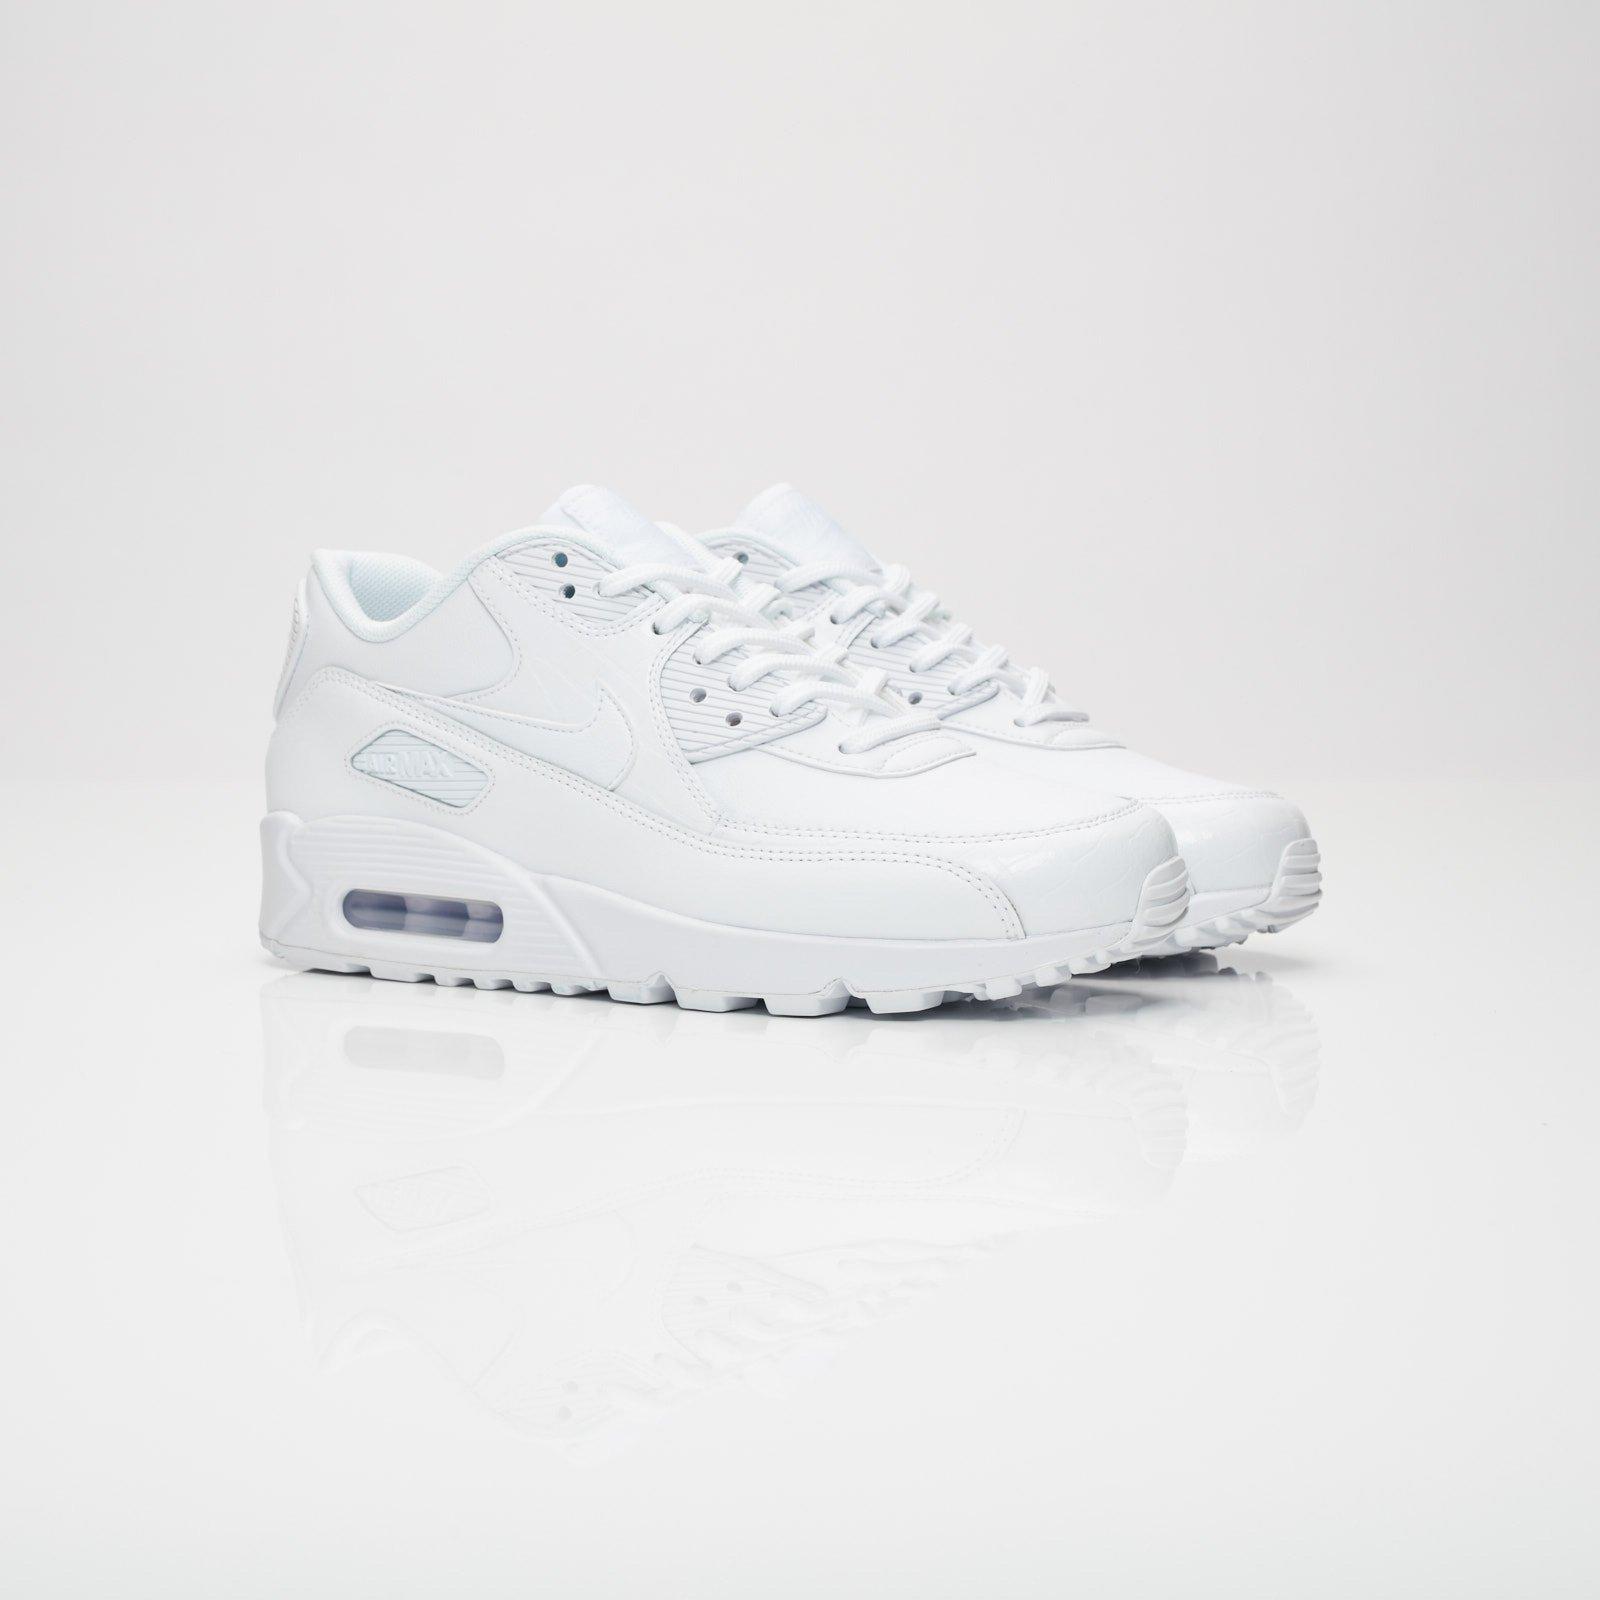 nike sportwear air max 90